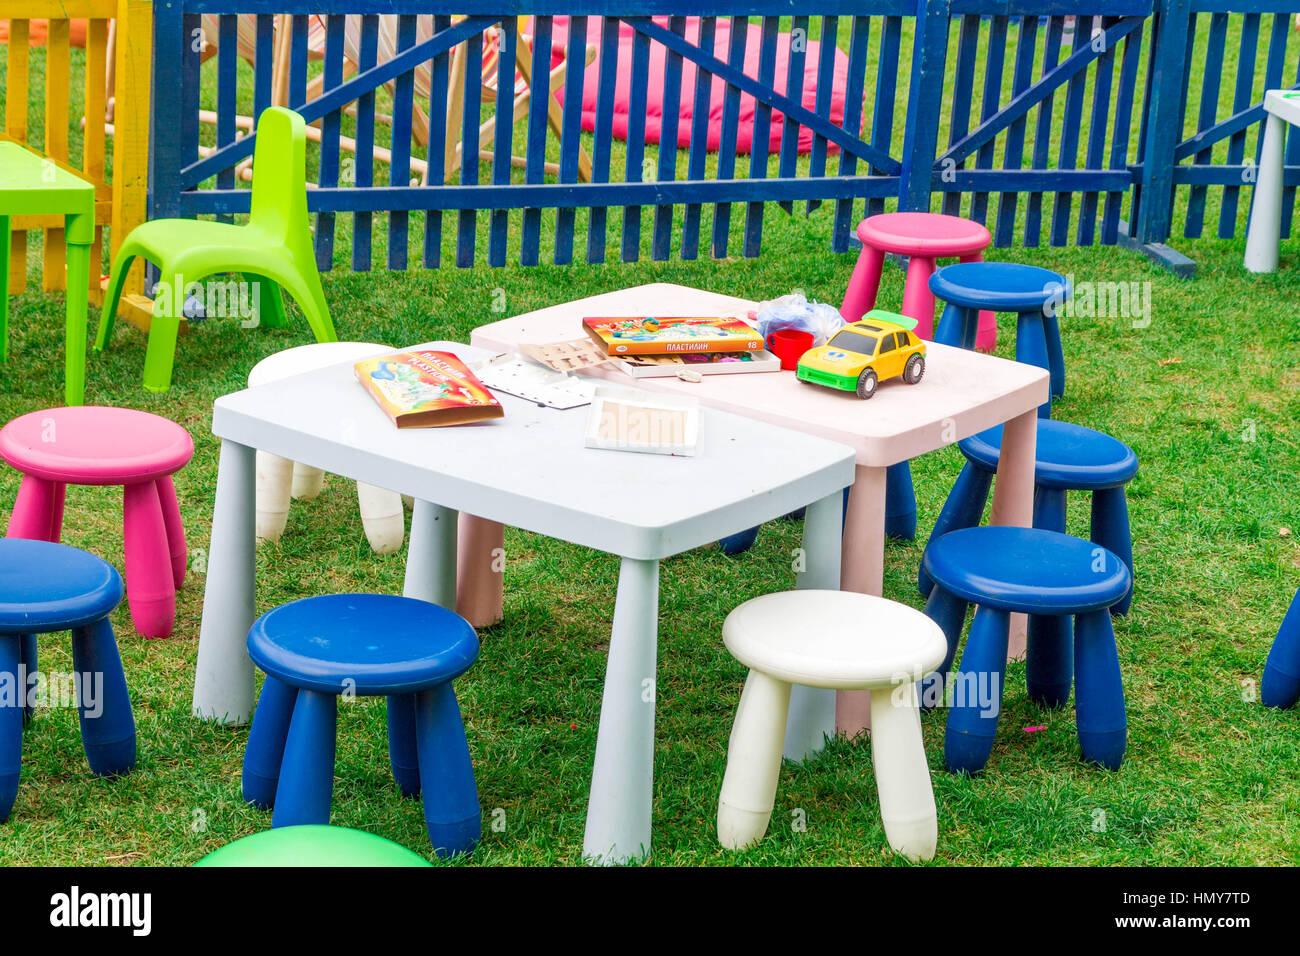 Mobili Per Giochi Bambini : Parco giochi con tavolo per bambini e sedie mobili per bambini